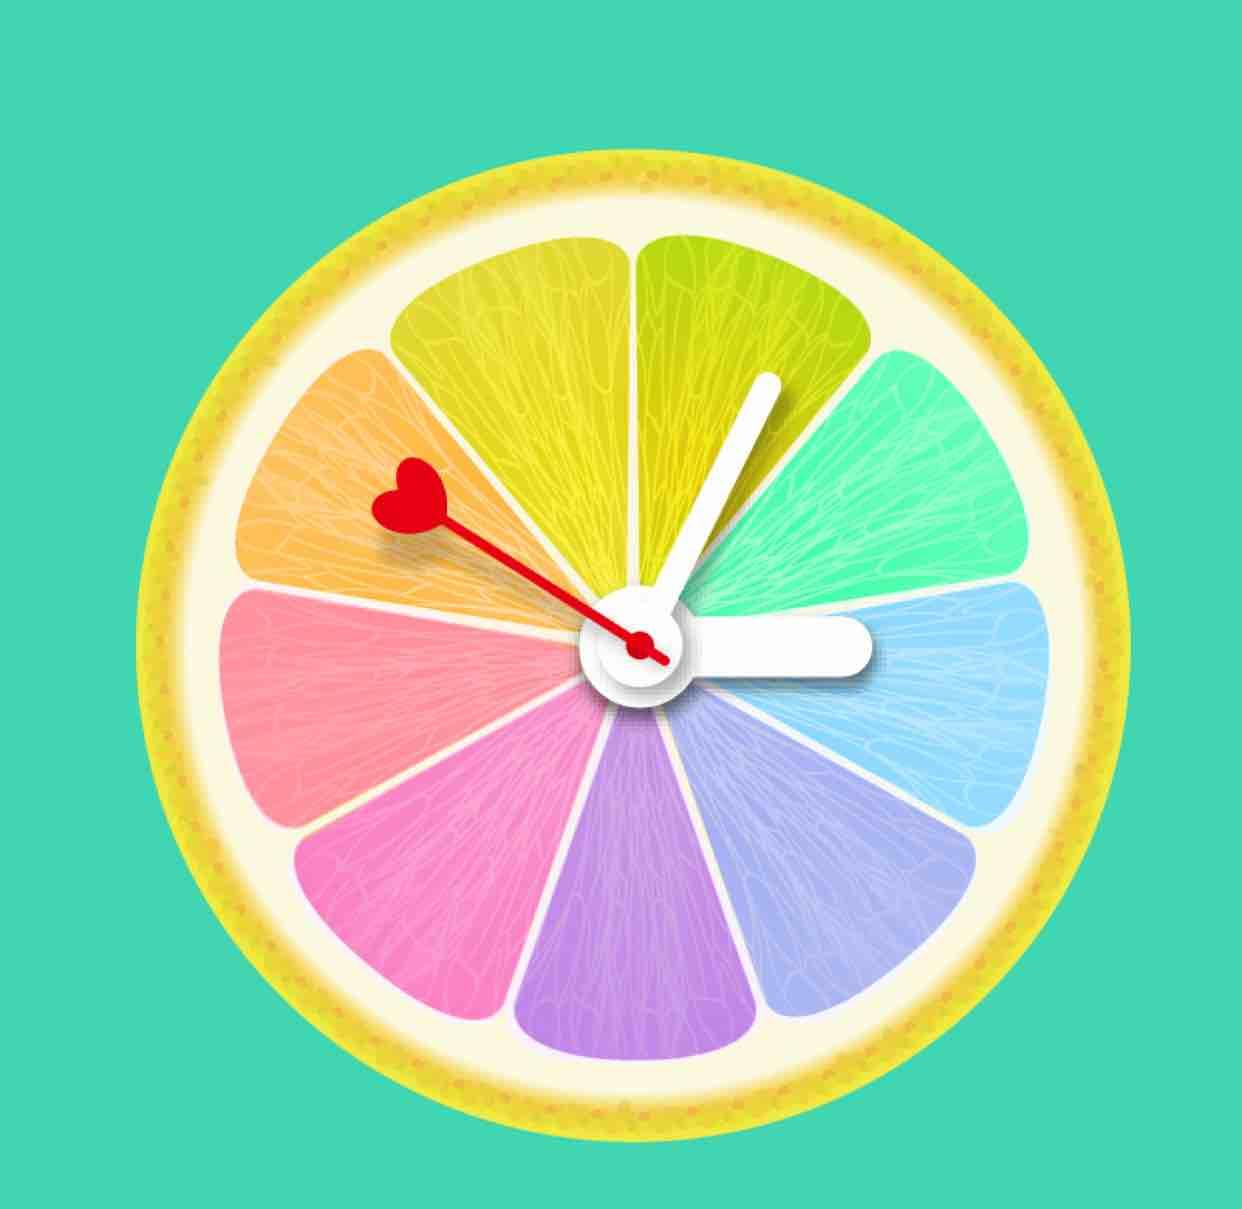 柠檬心理课堂